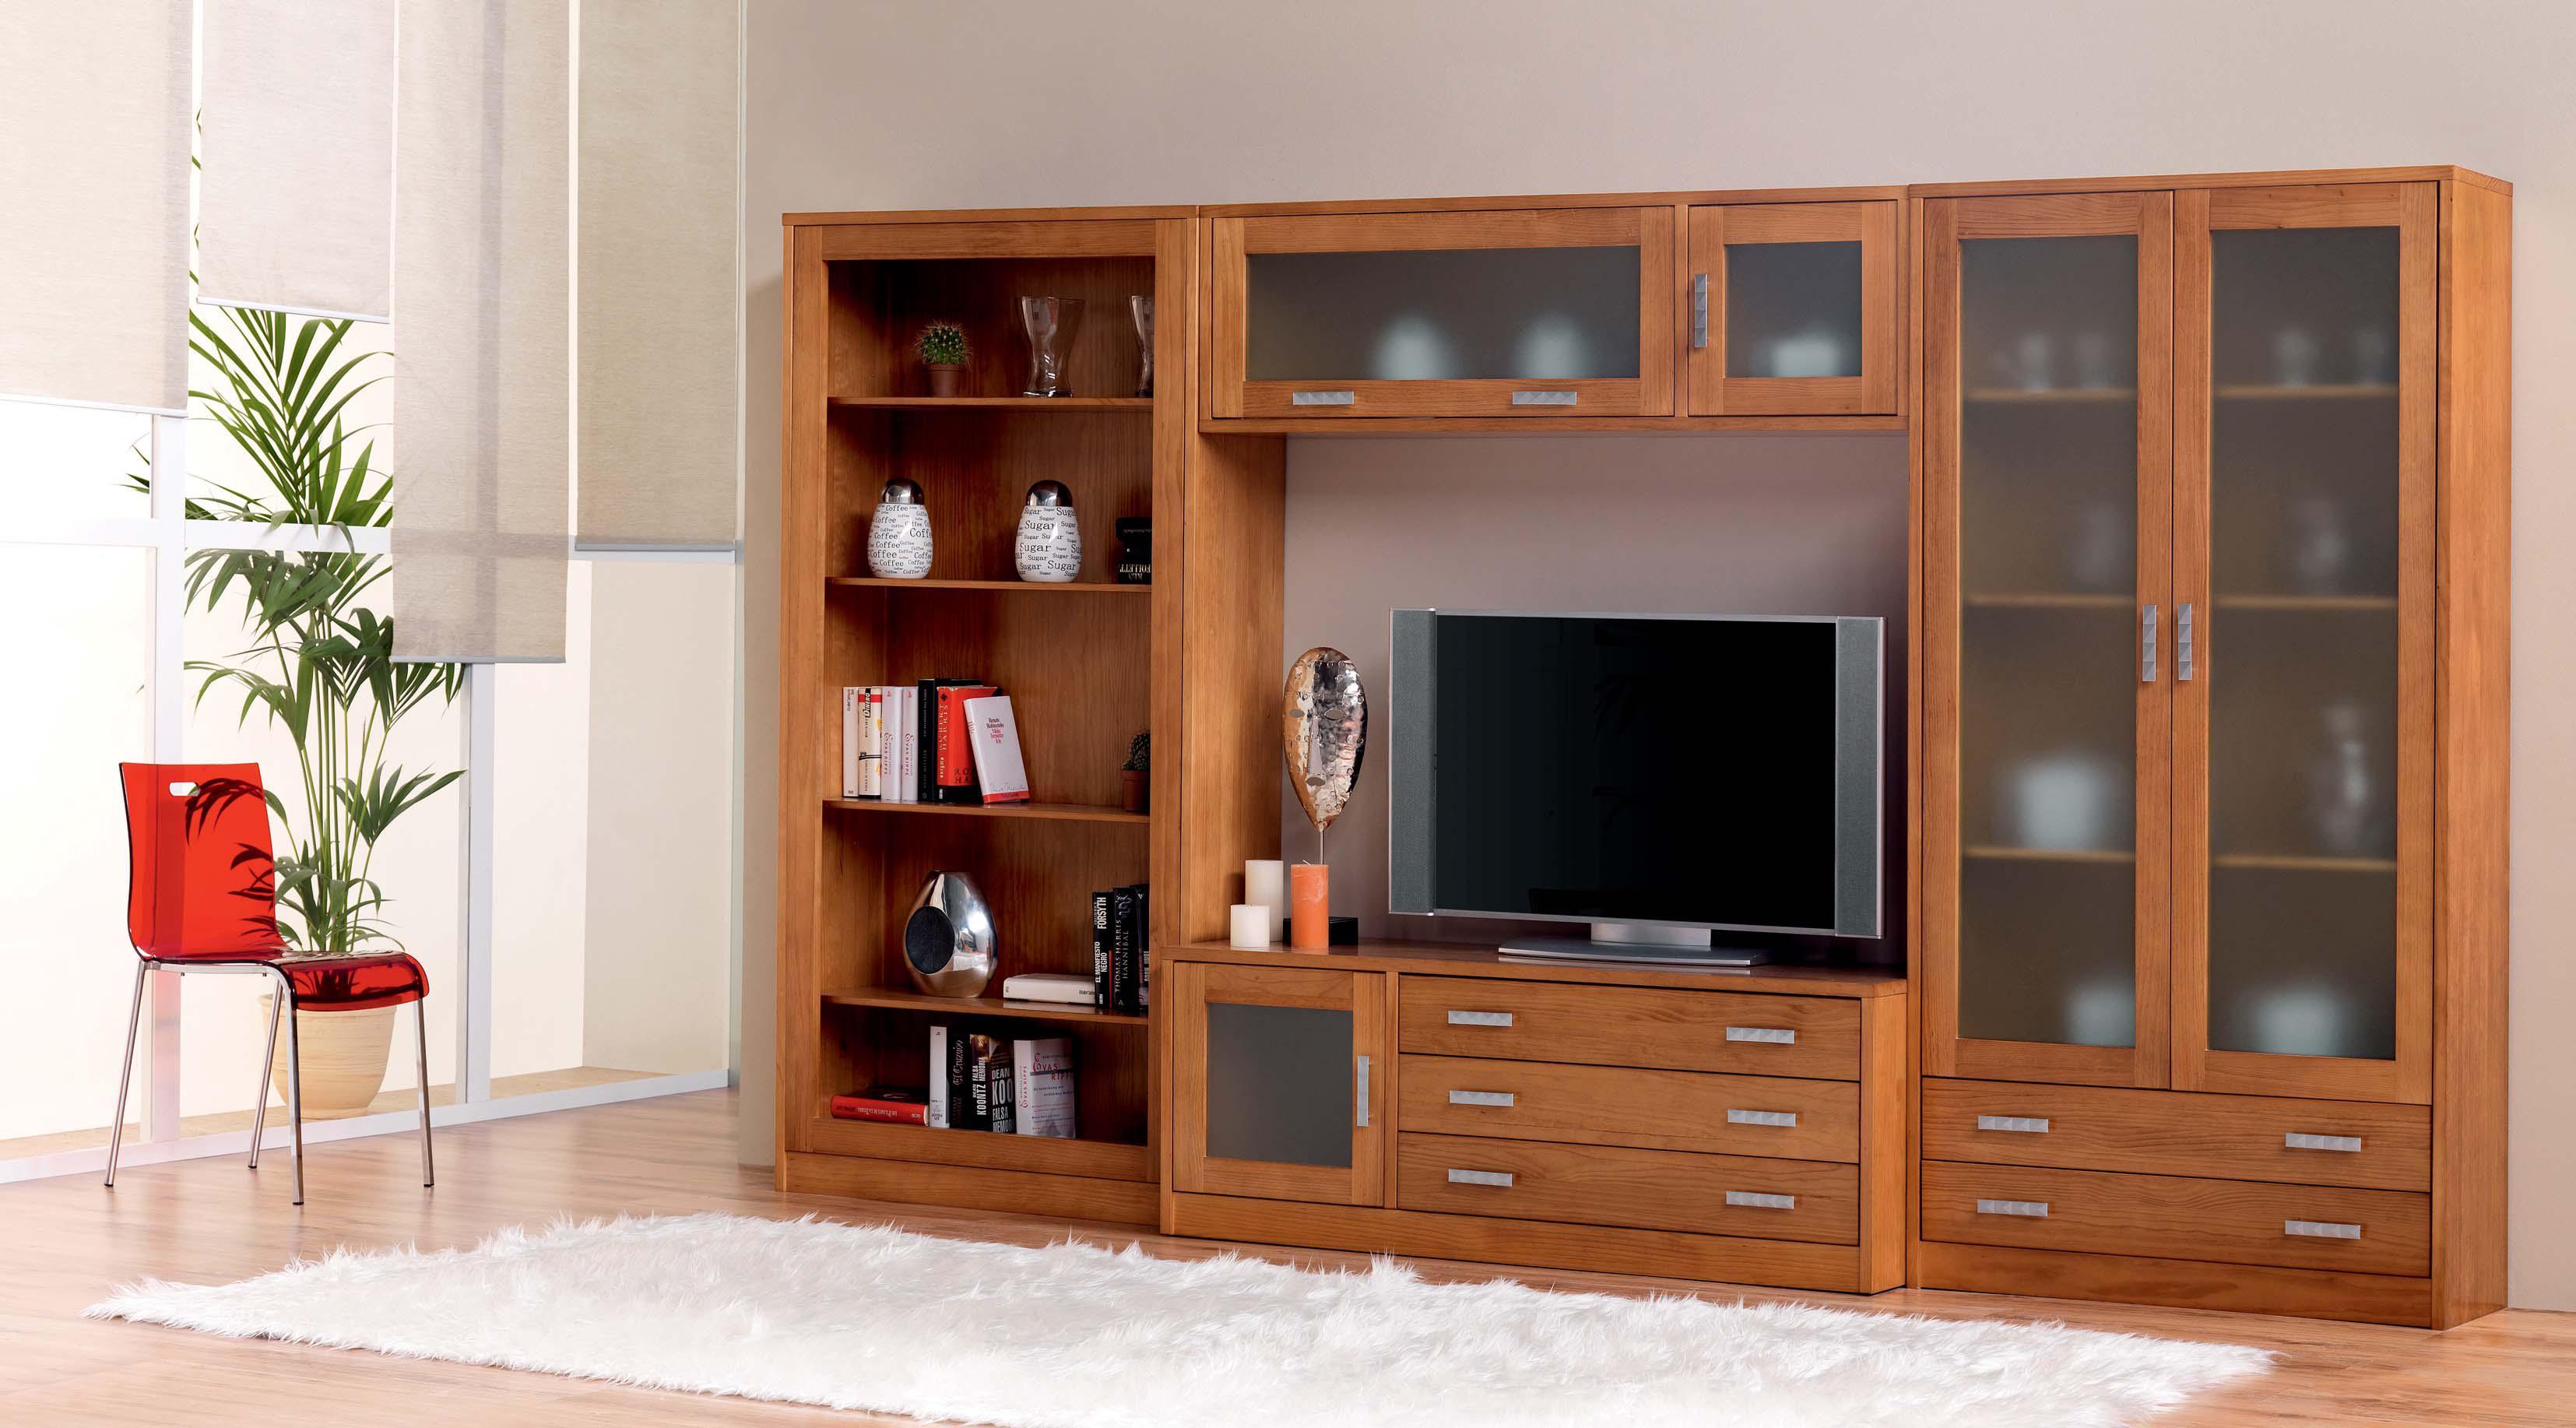 Stunning muebles de comedor baratos en valencia pictures - Mueble clasico valencia ...